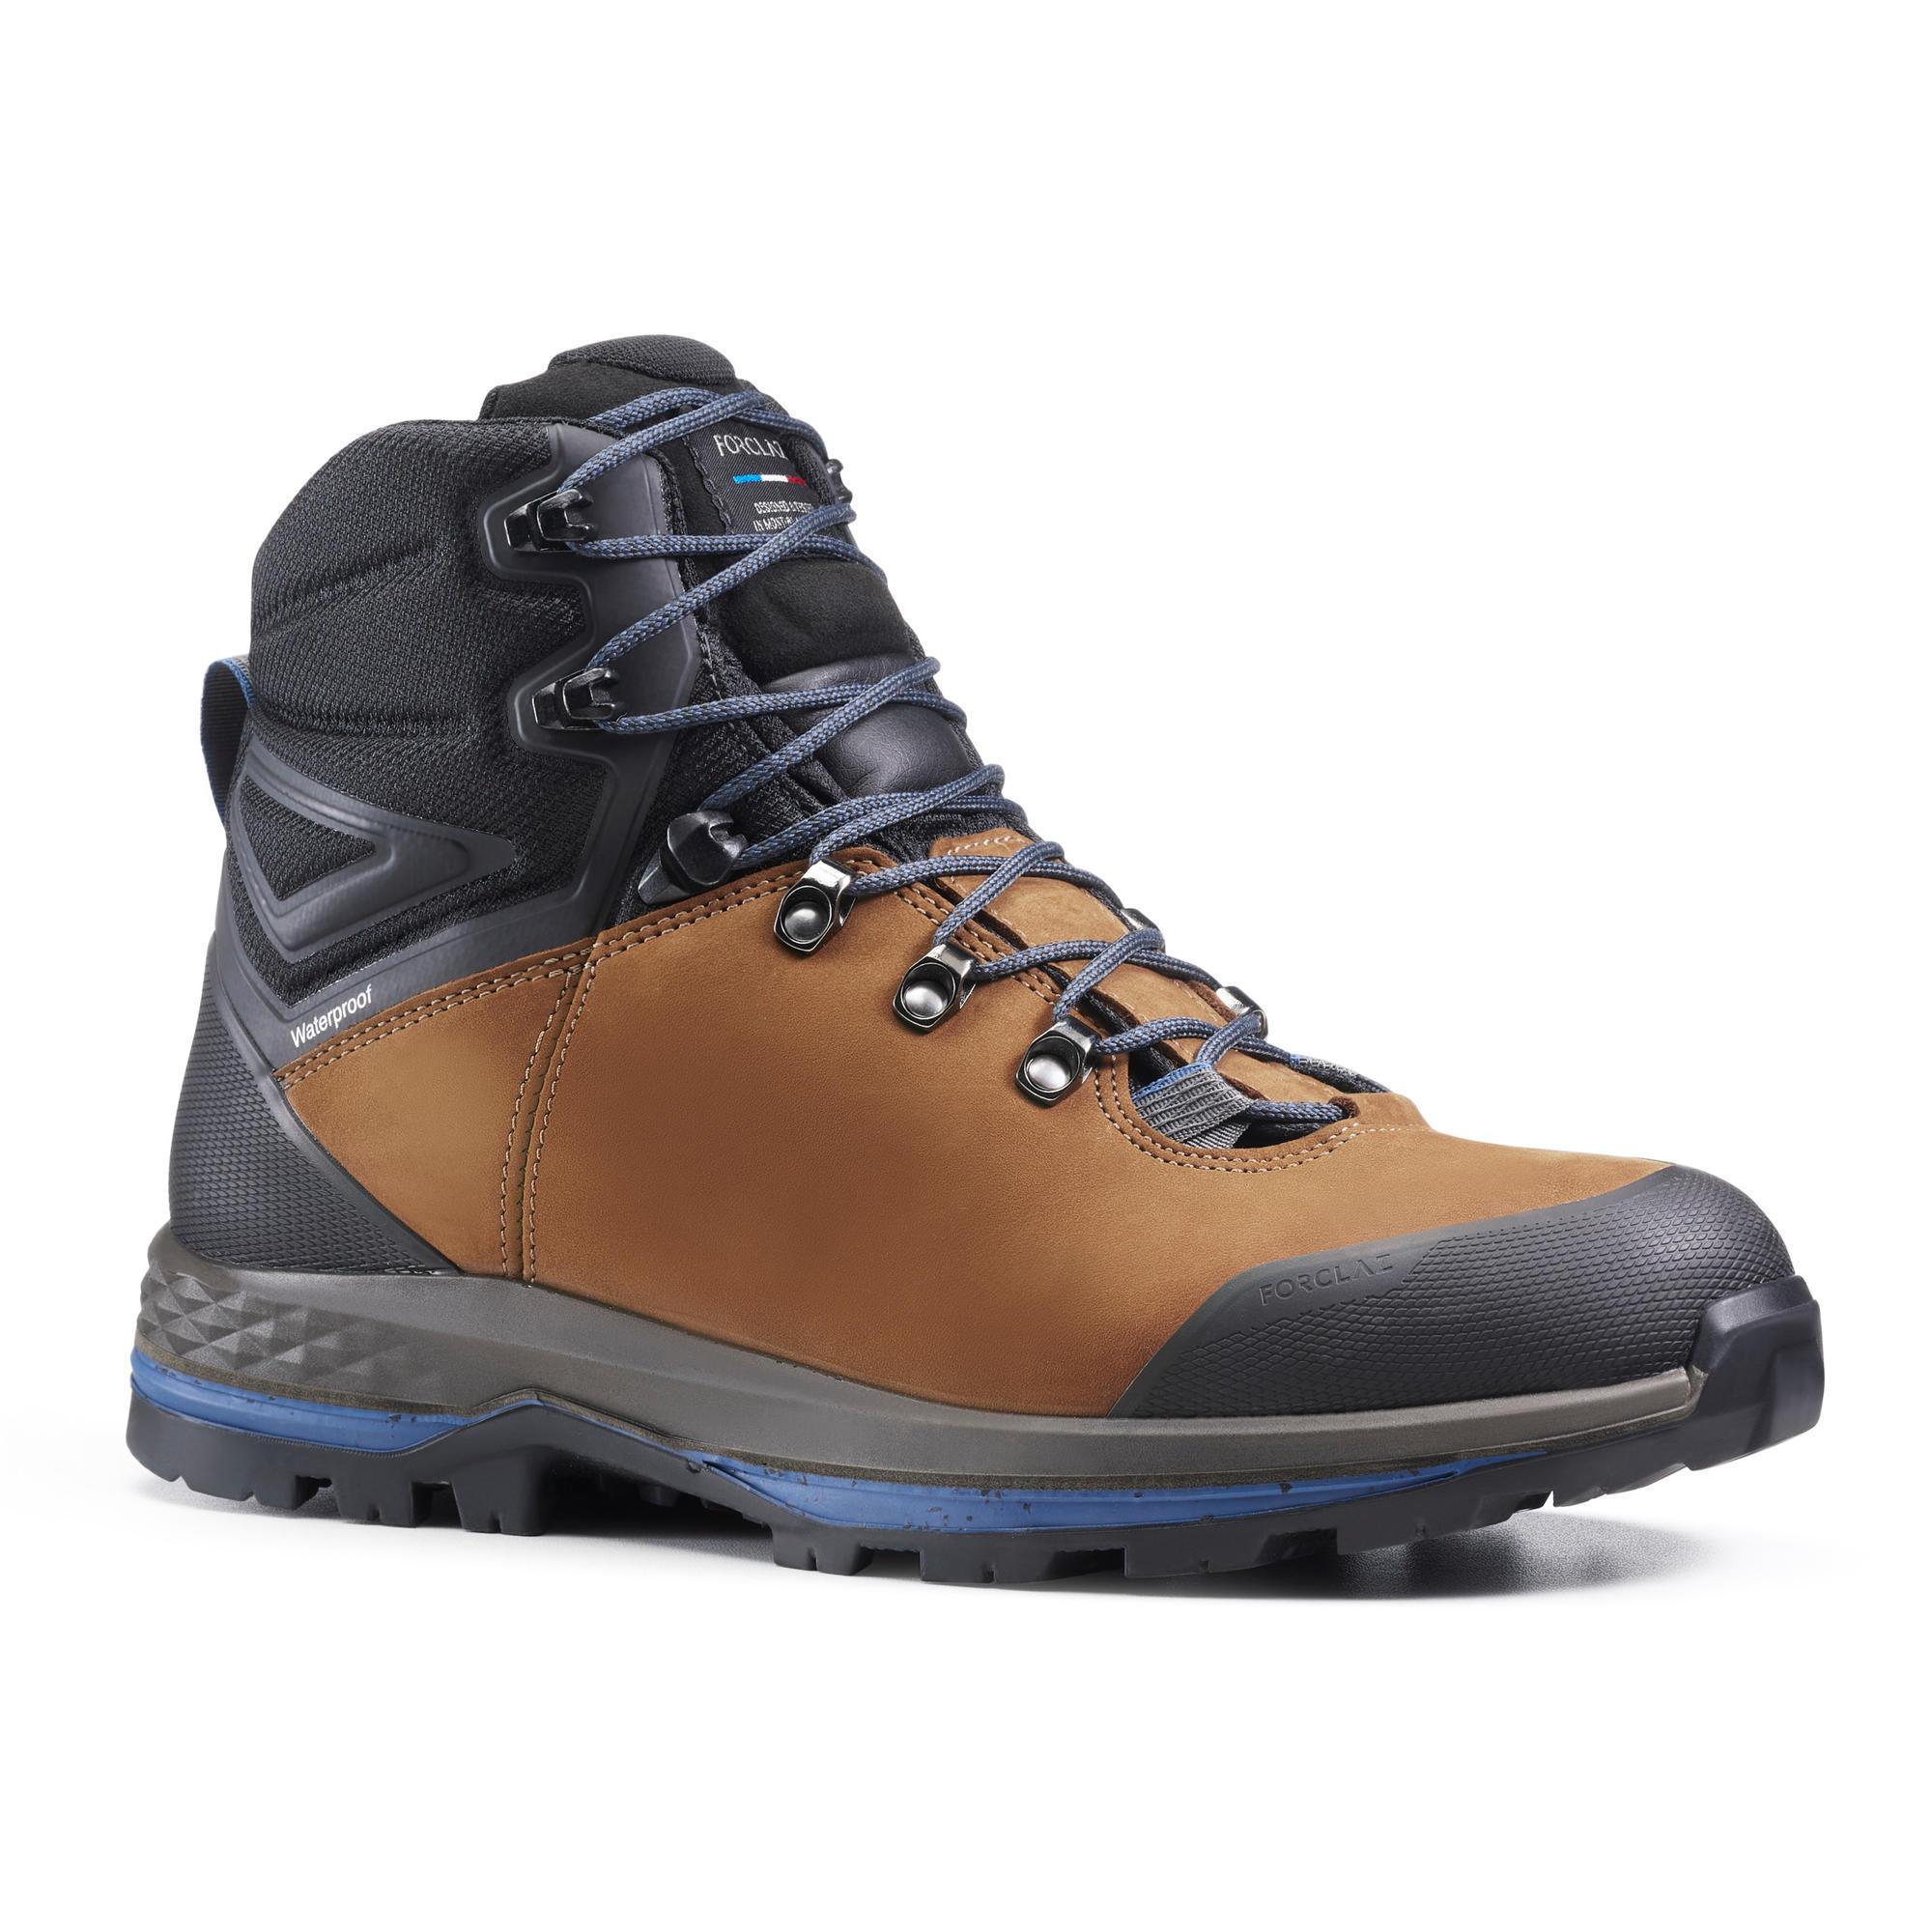 Chaussures en cuir semelles souples de trekking montagne -TREK100 CUIR homme - Forclaz